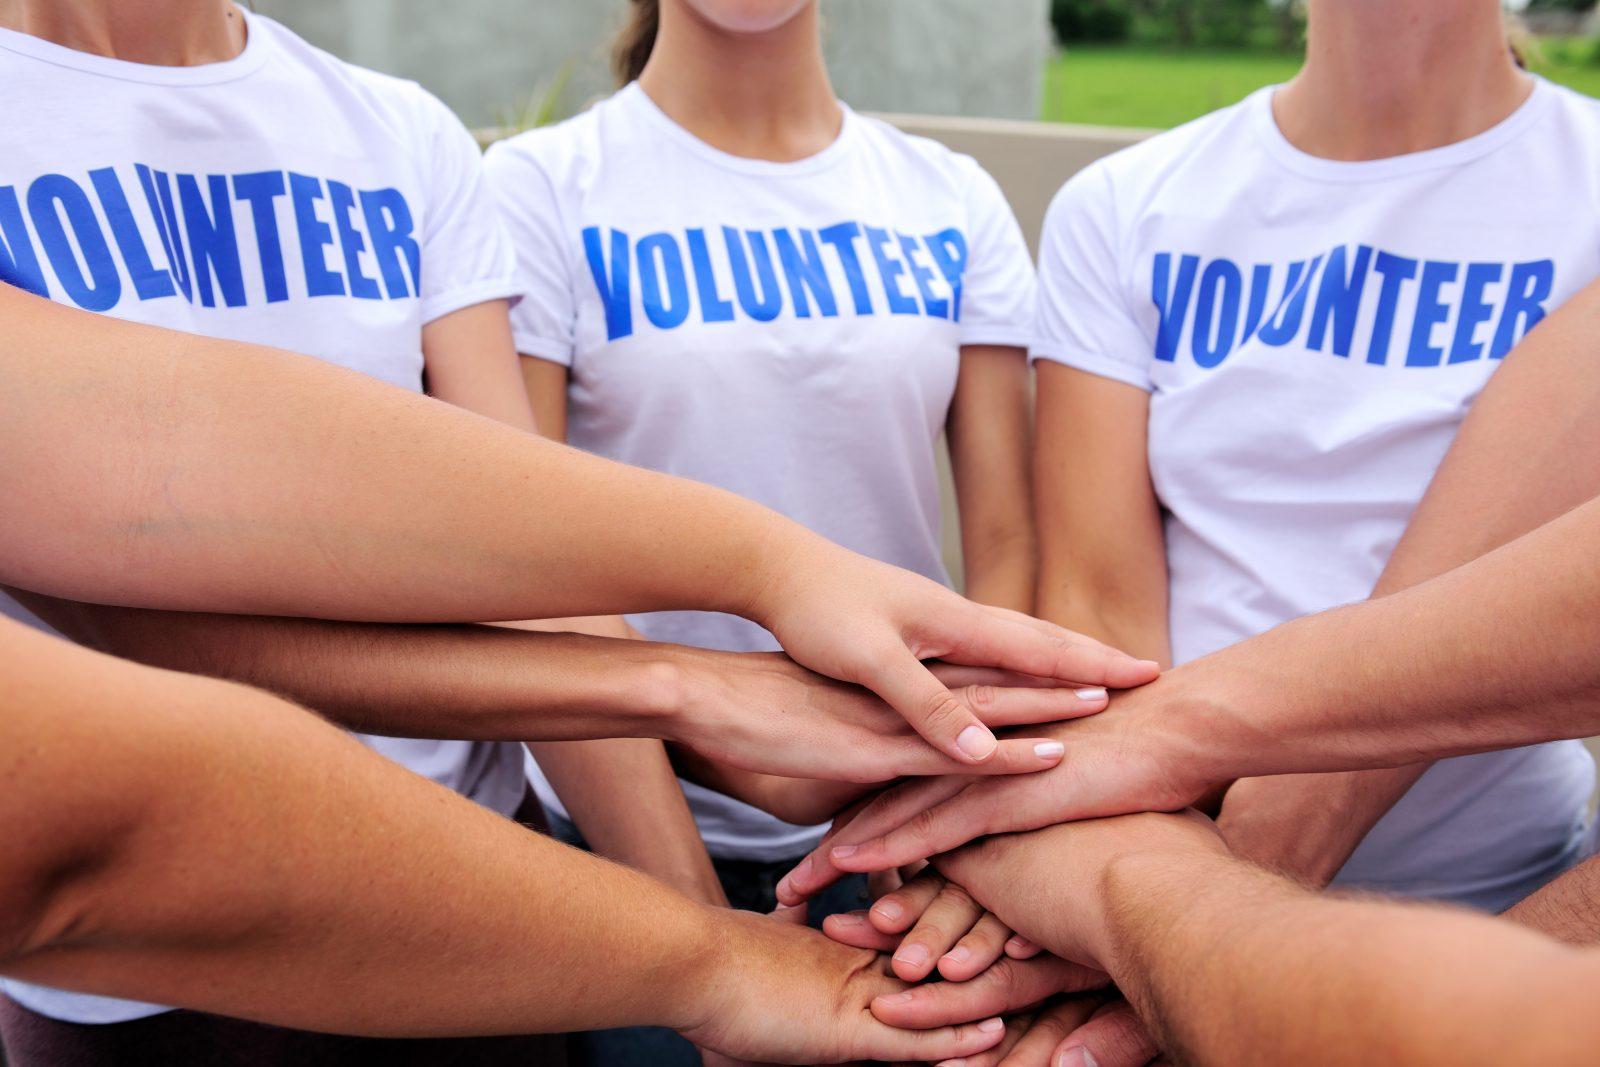 В Общественной палате РФ пройдет экспертиза законопроекта о добровольчестве